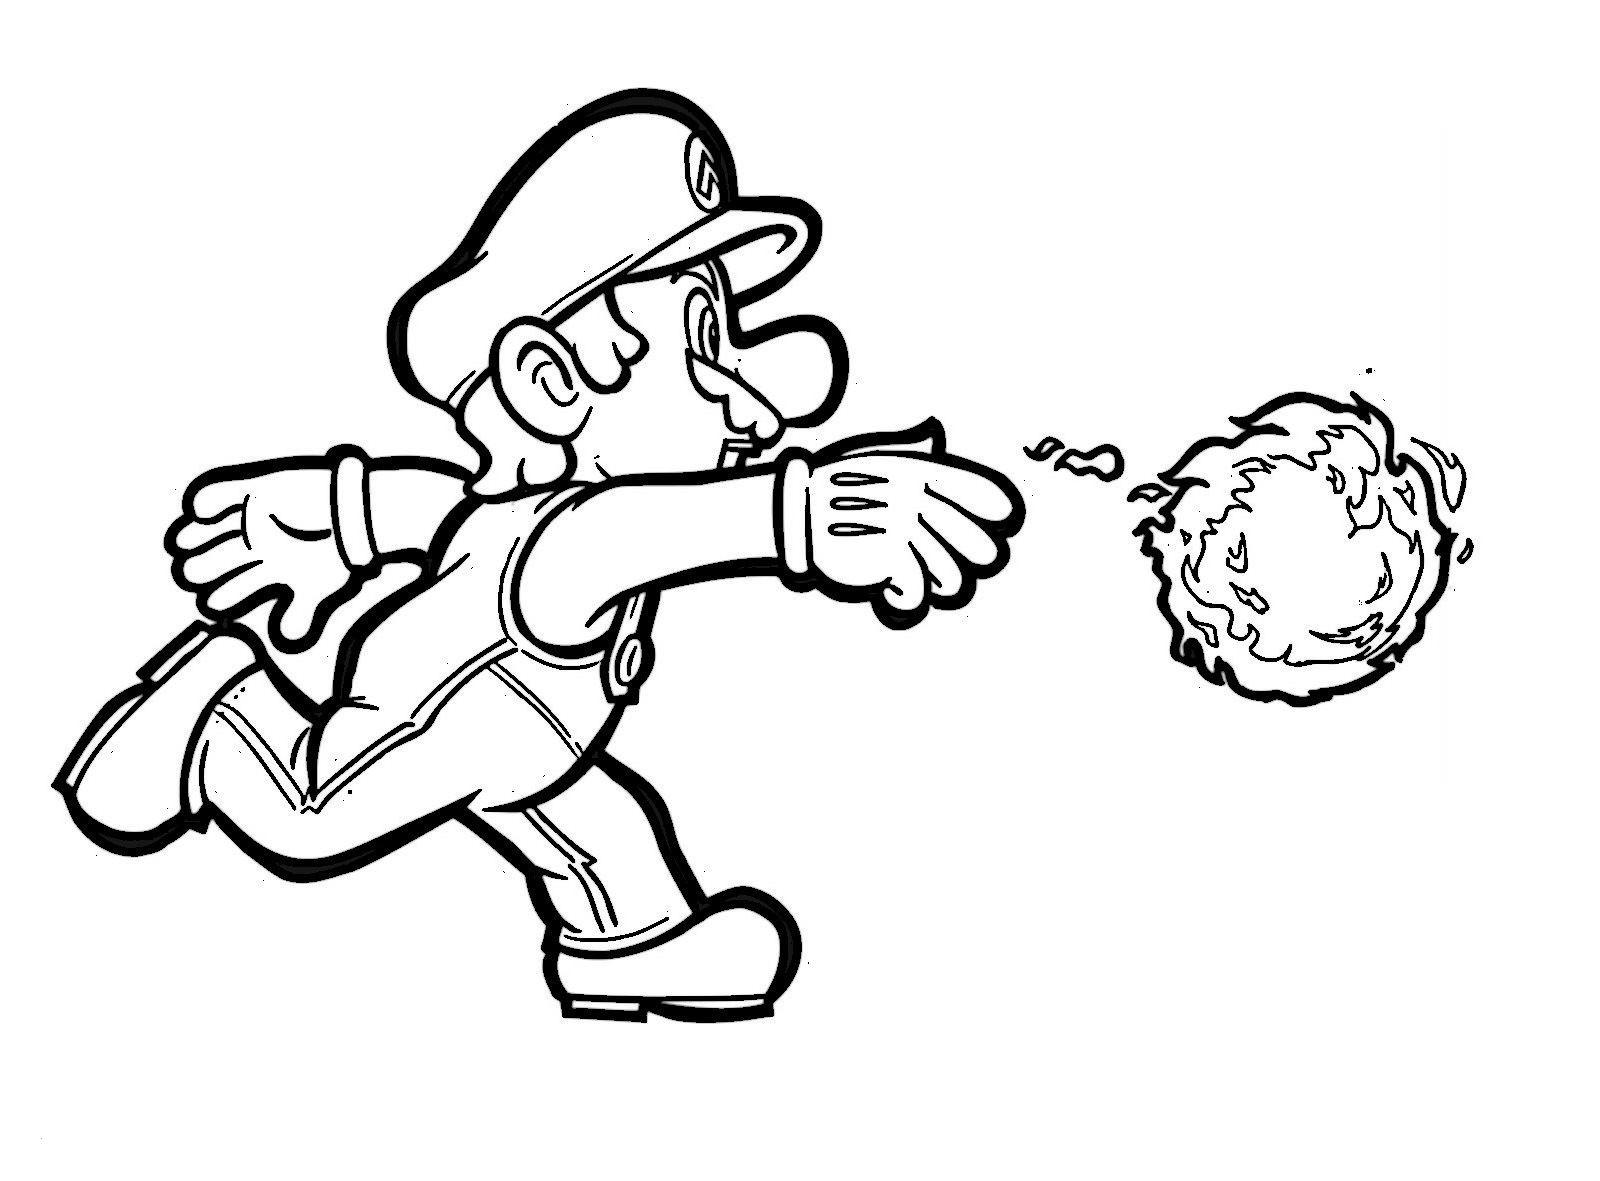 Ausmalbilder Super Mario 3d World Einzigartig Ausmalbild Super Mario World Frisch Ausmalbilder Super Mario 3d Sammlung